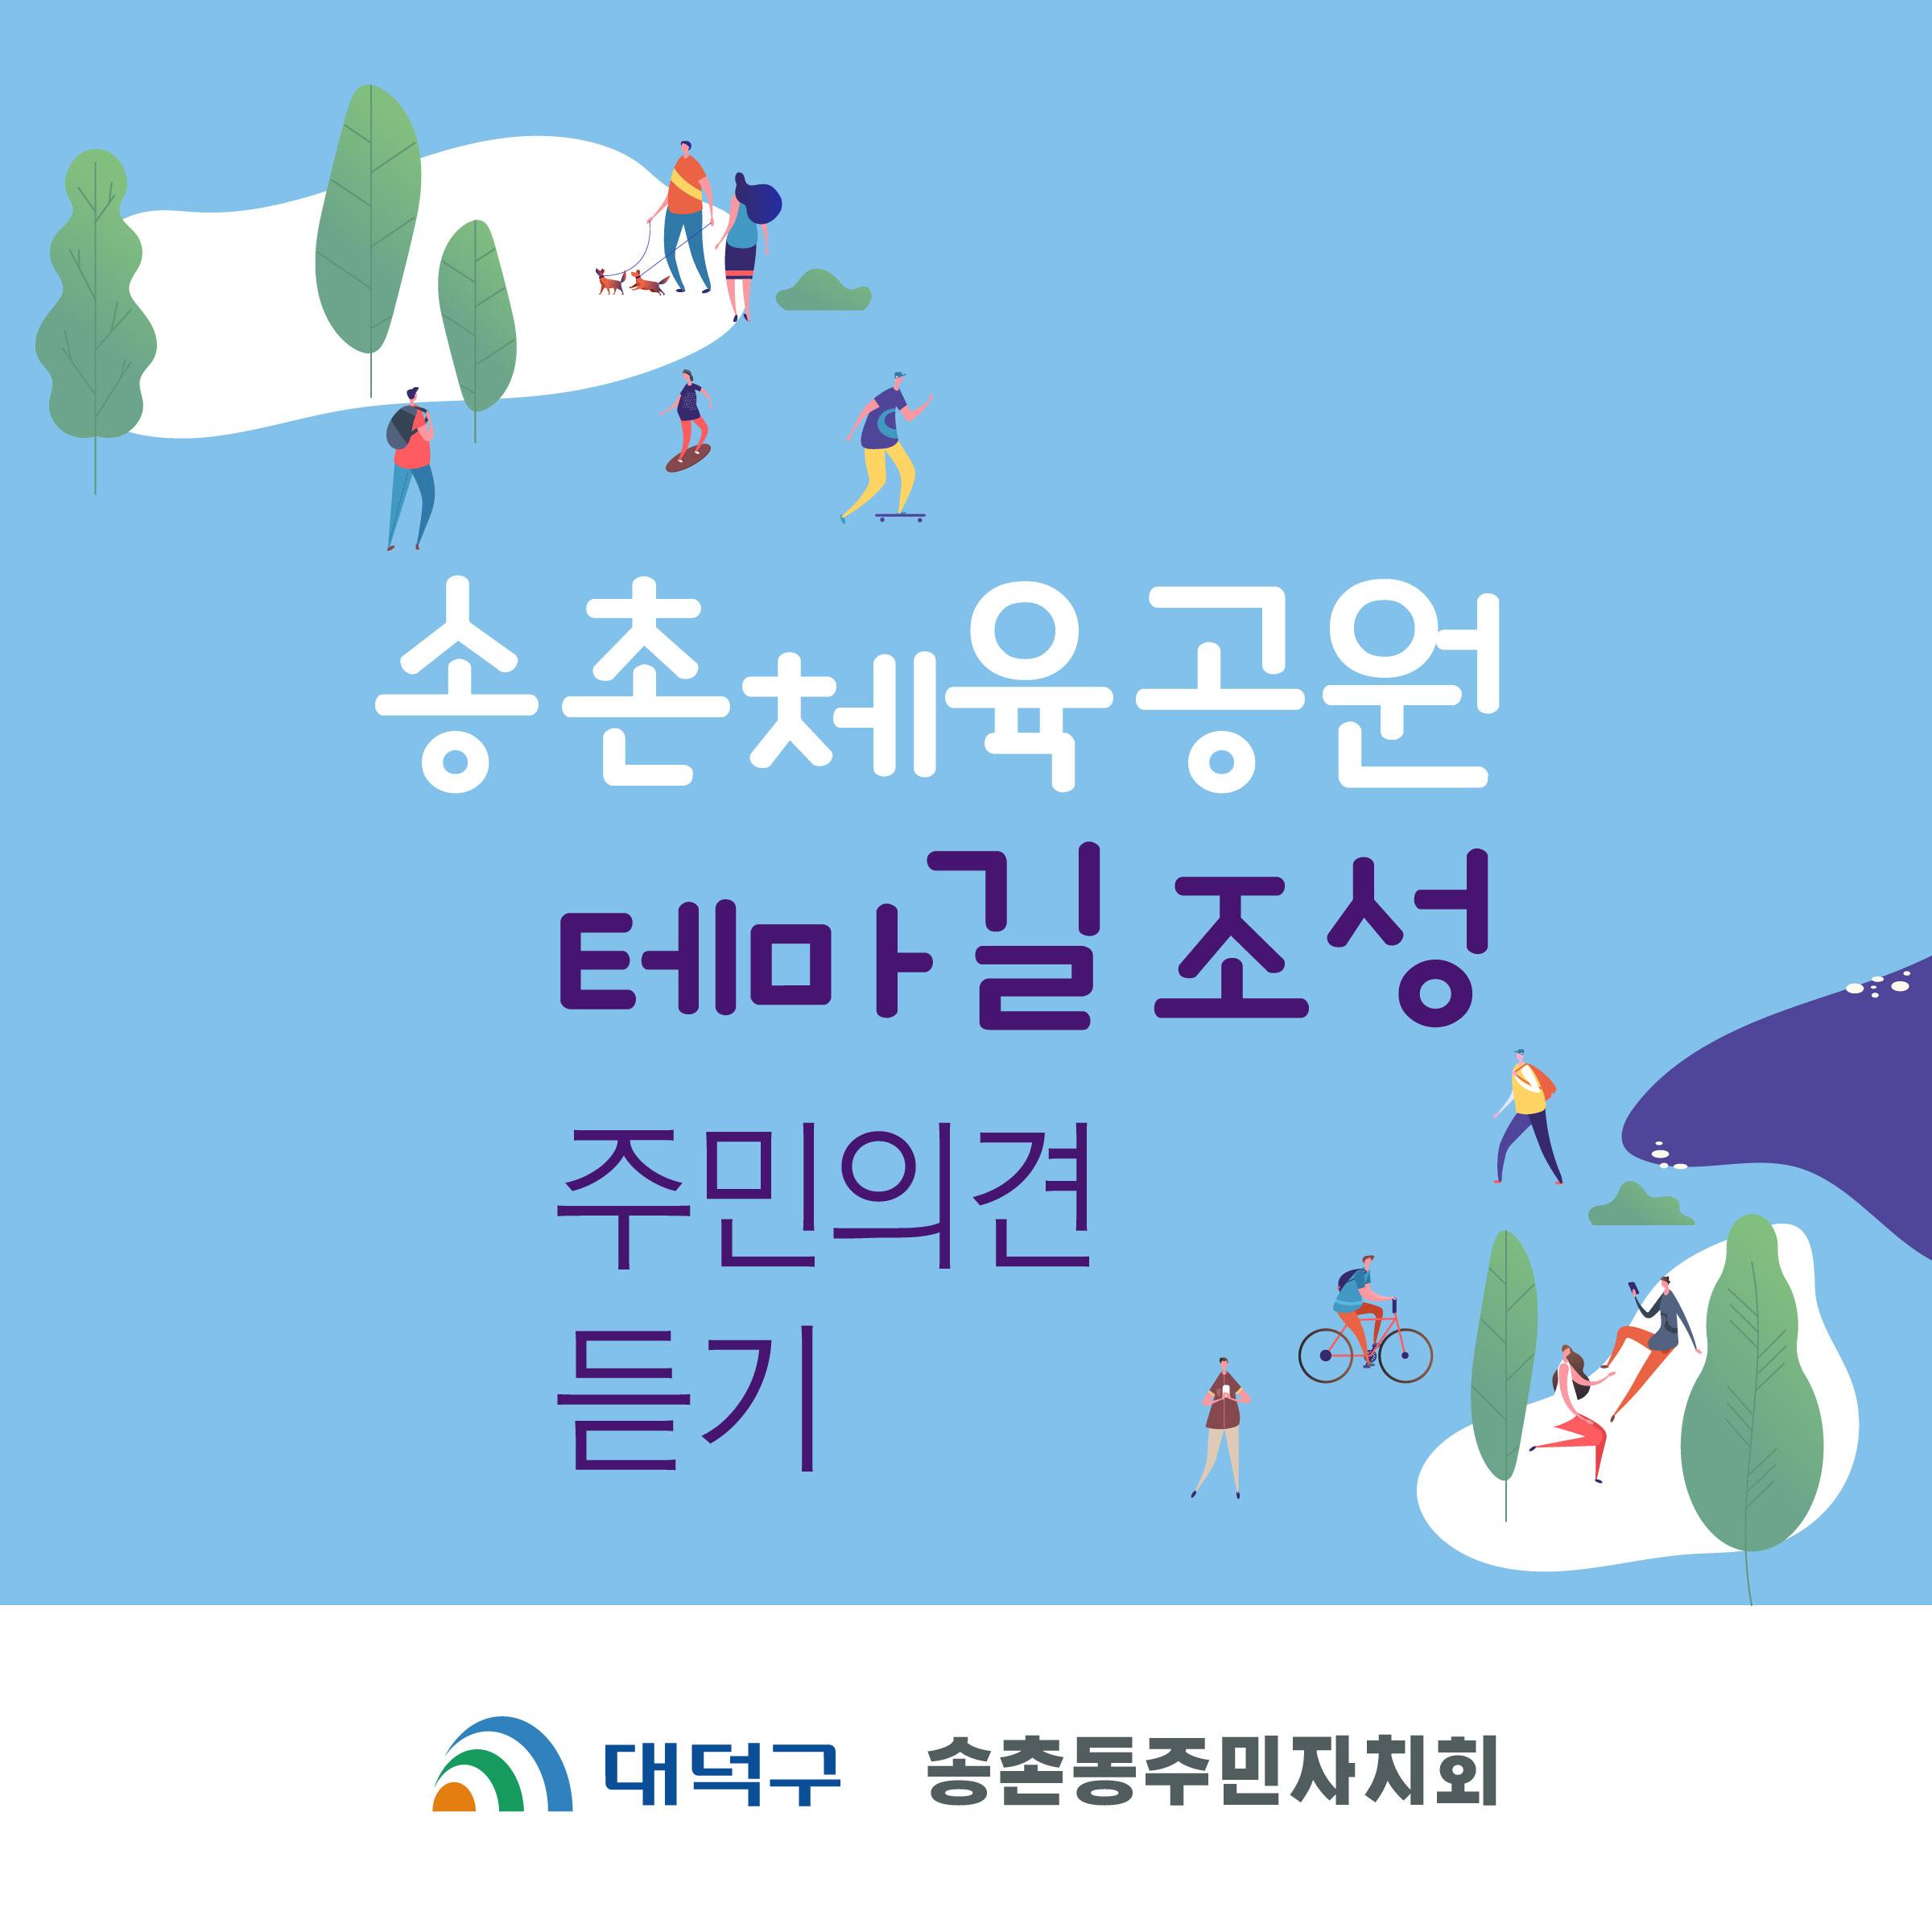 송촌체육공원테마길 조성에 관한 주민의견 묻기